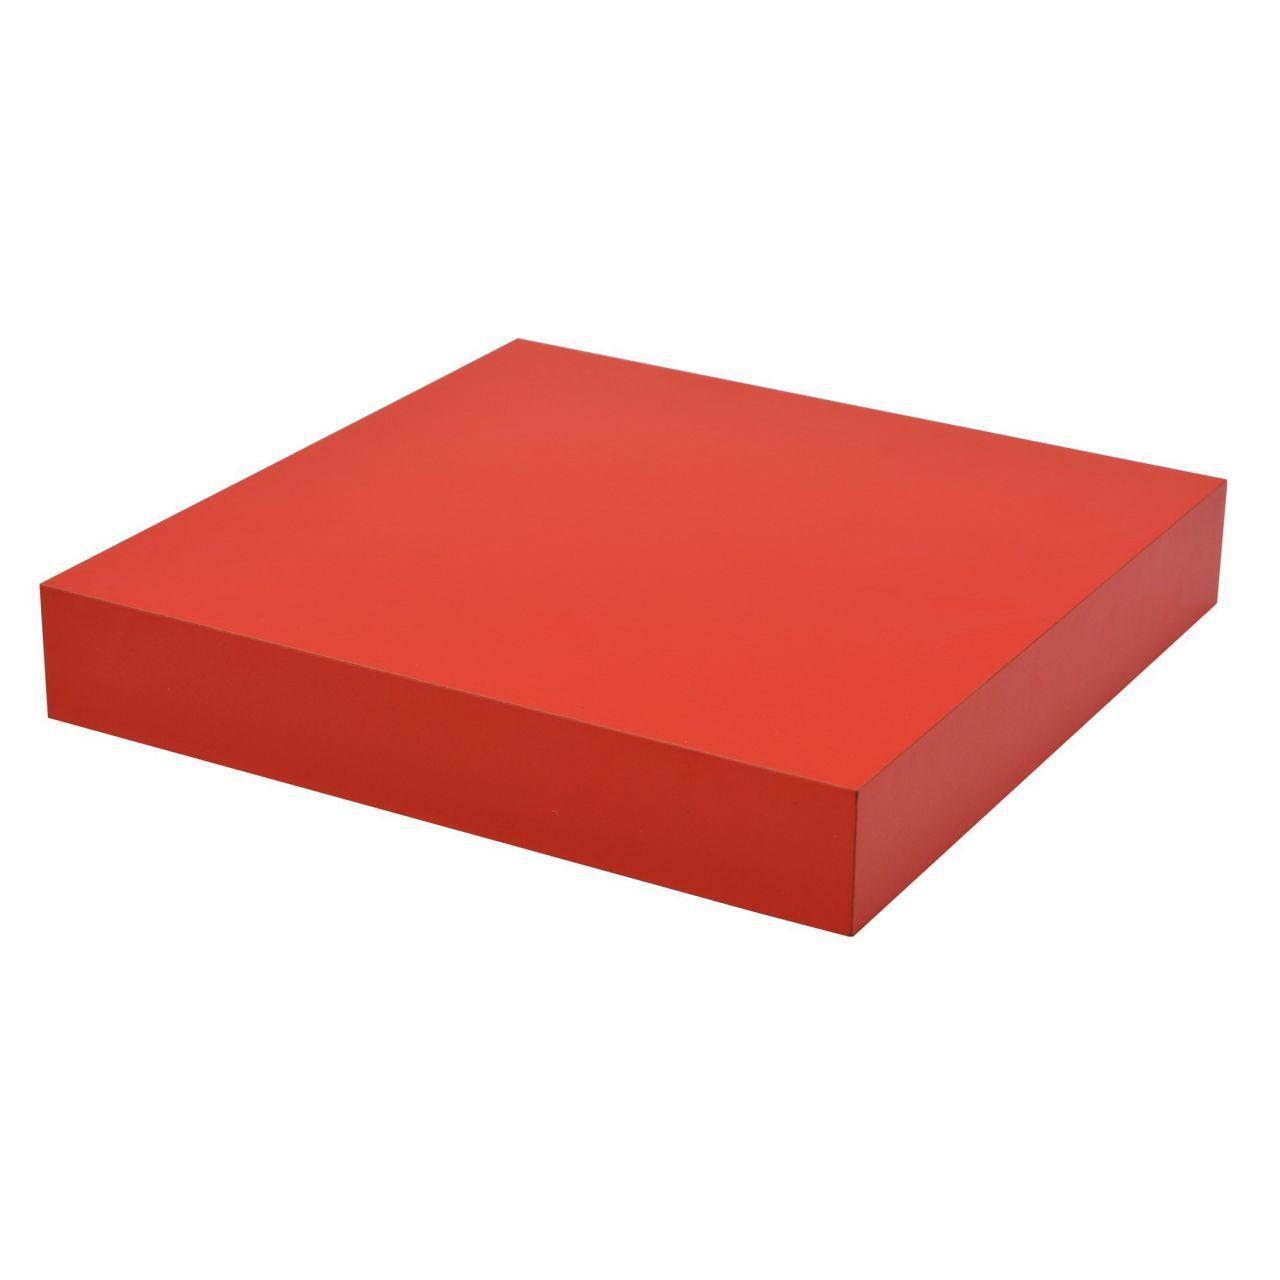 Schwebendes Wandregal trendstabil schwebendes wandregal bücherregal selbsttragend 23 5 x